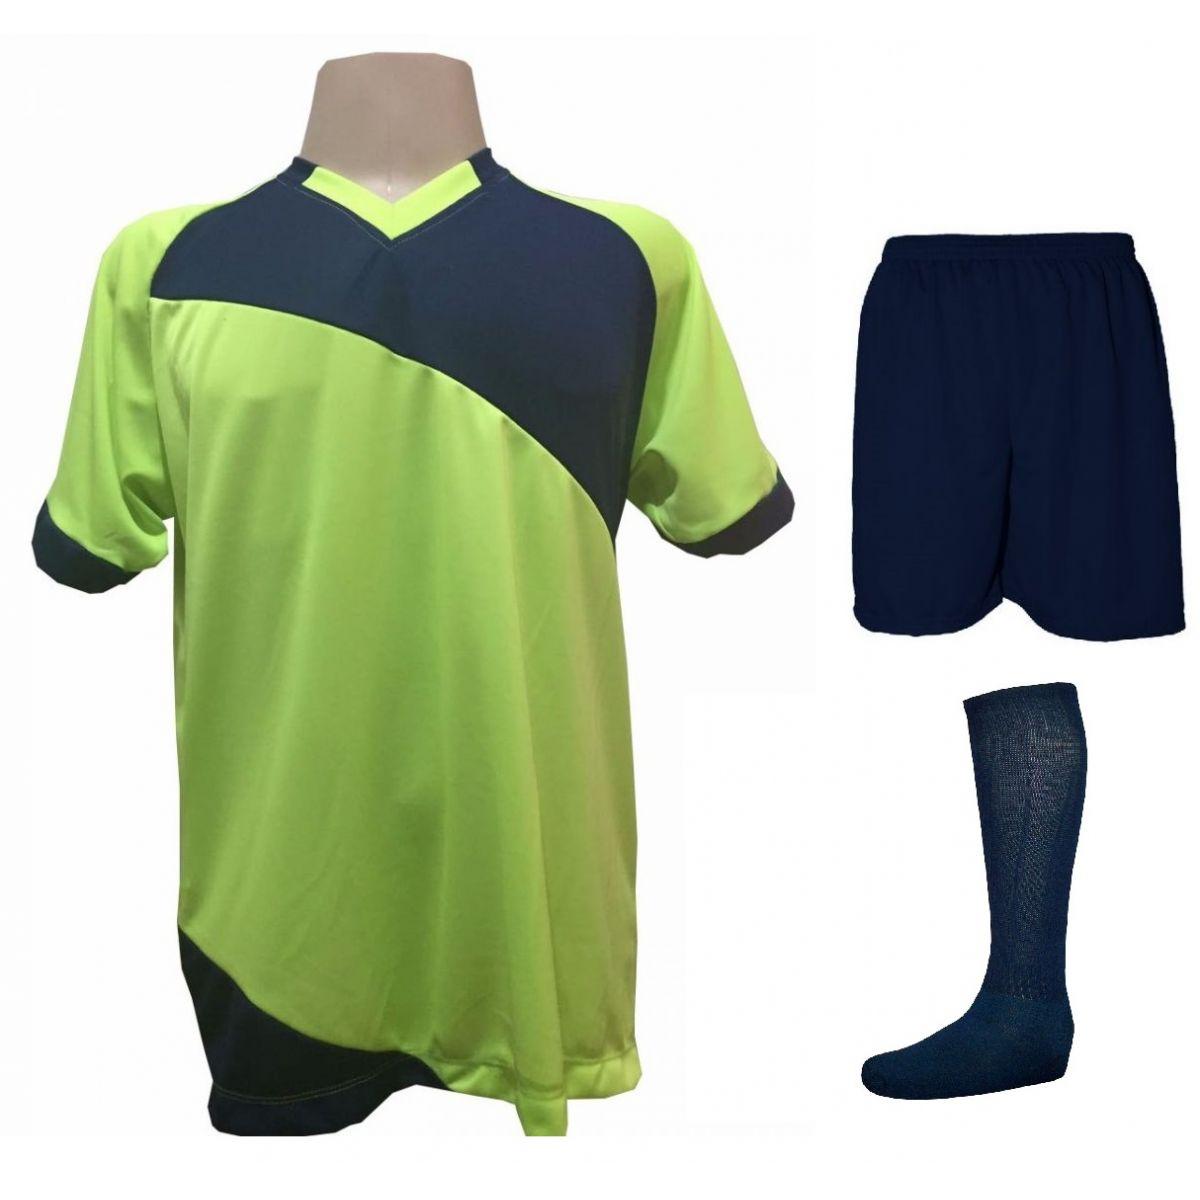 Uniforme Esportivo com 20 camisas modelo Bélgica Limão/Marinho + 20 calções modelo Madrid  Marinho + 20 pares de meiões Marinho